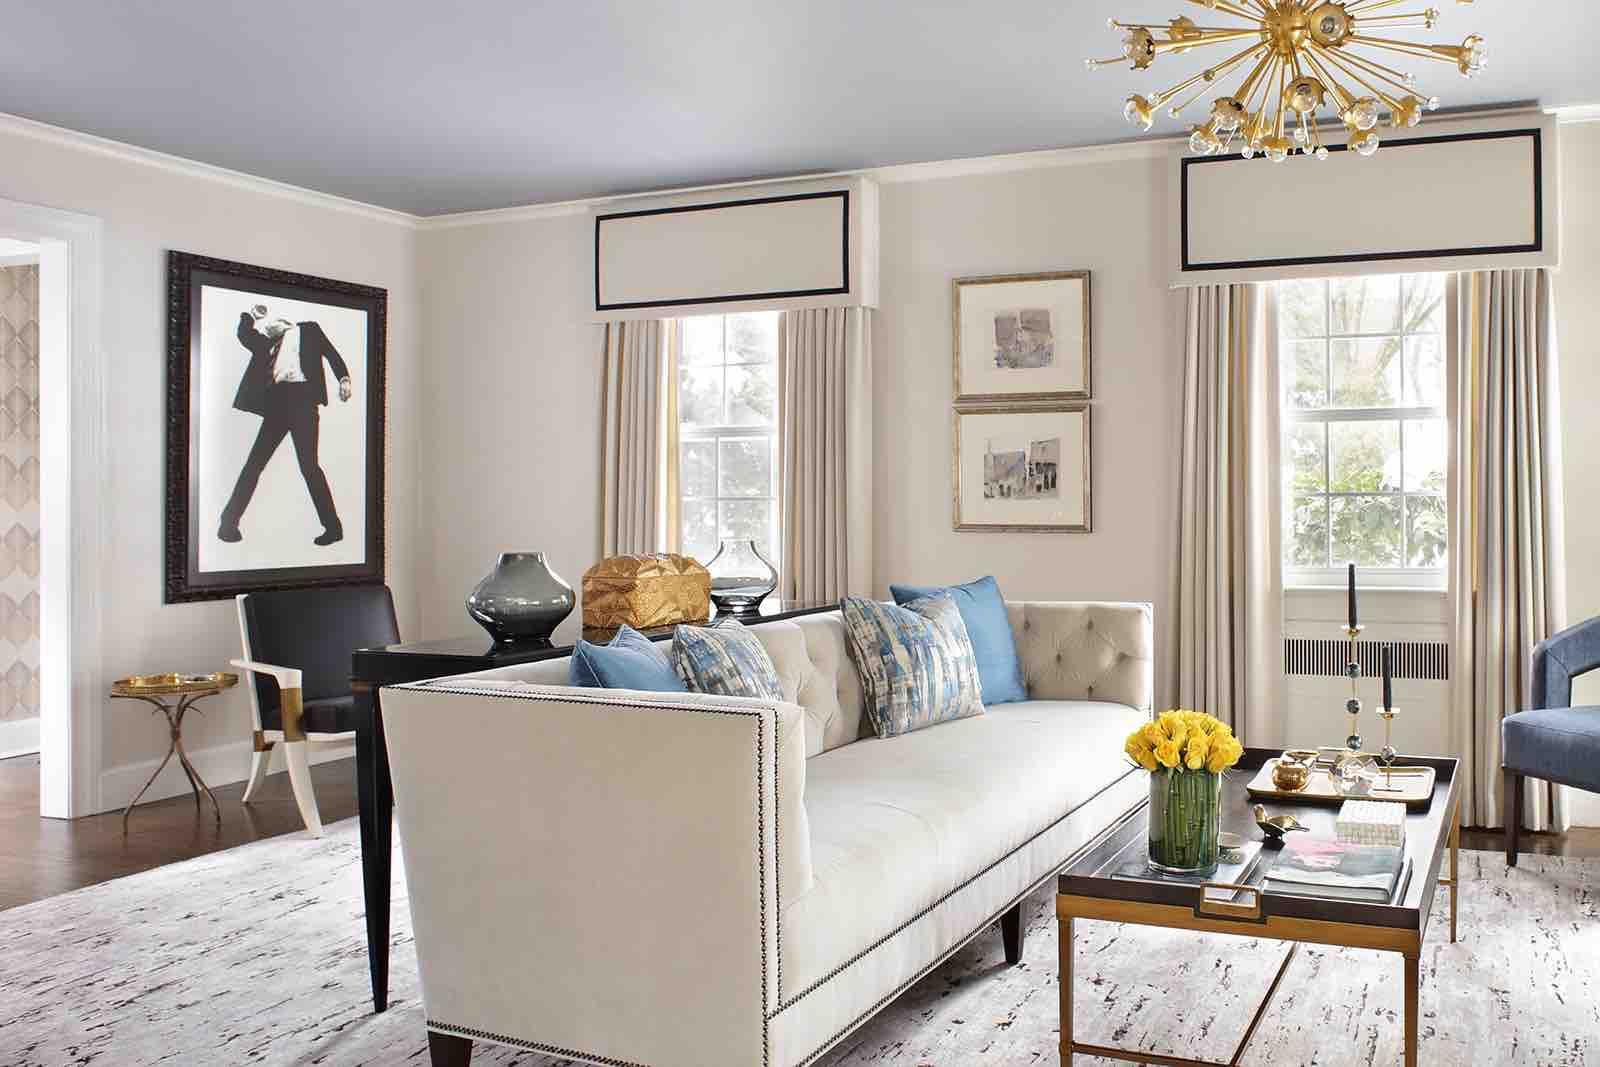 Robert Longo Art in a Valerie Grant Interiors Designed Room